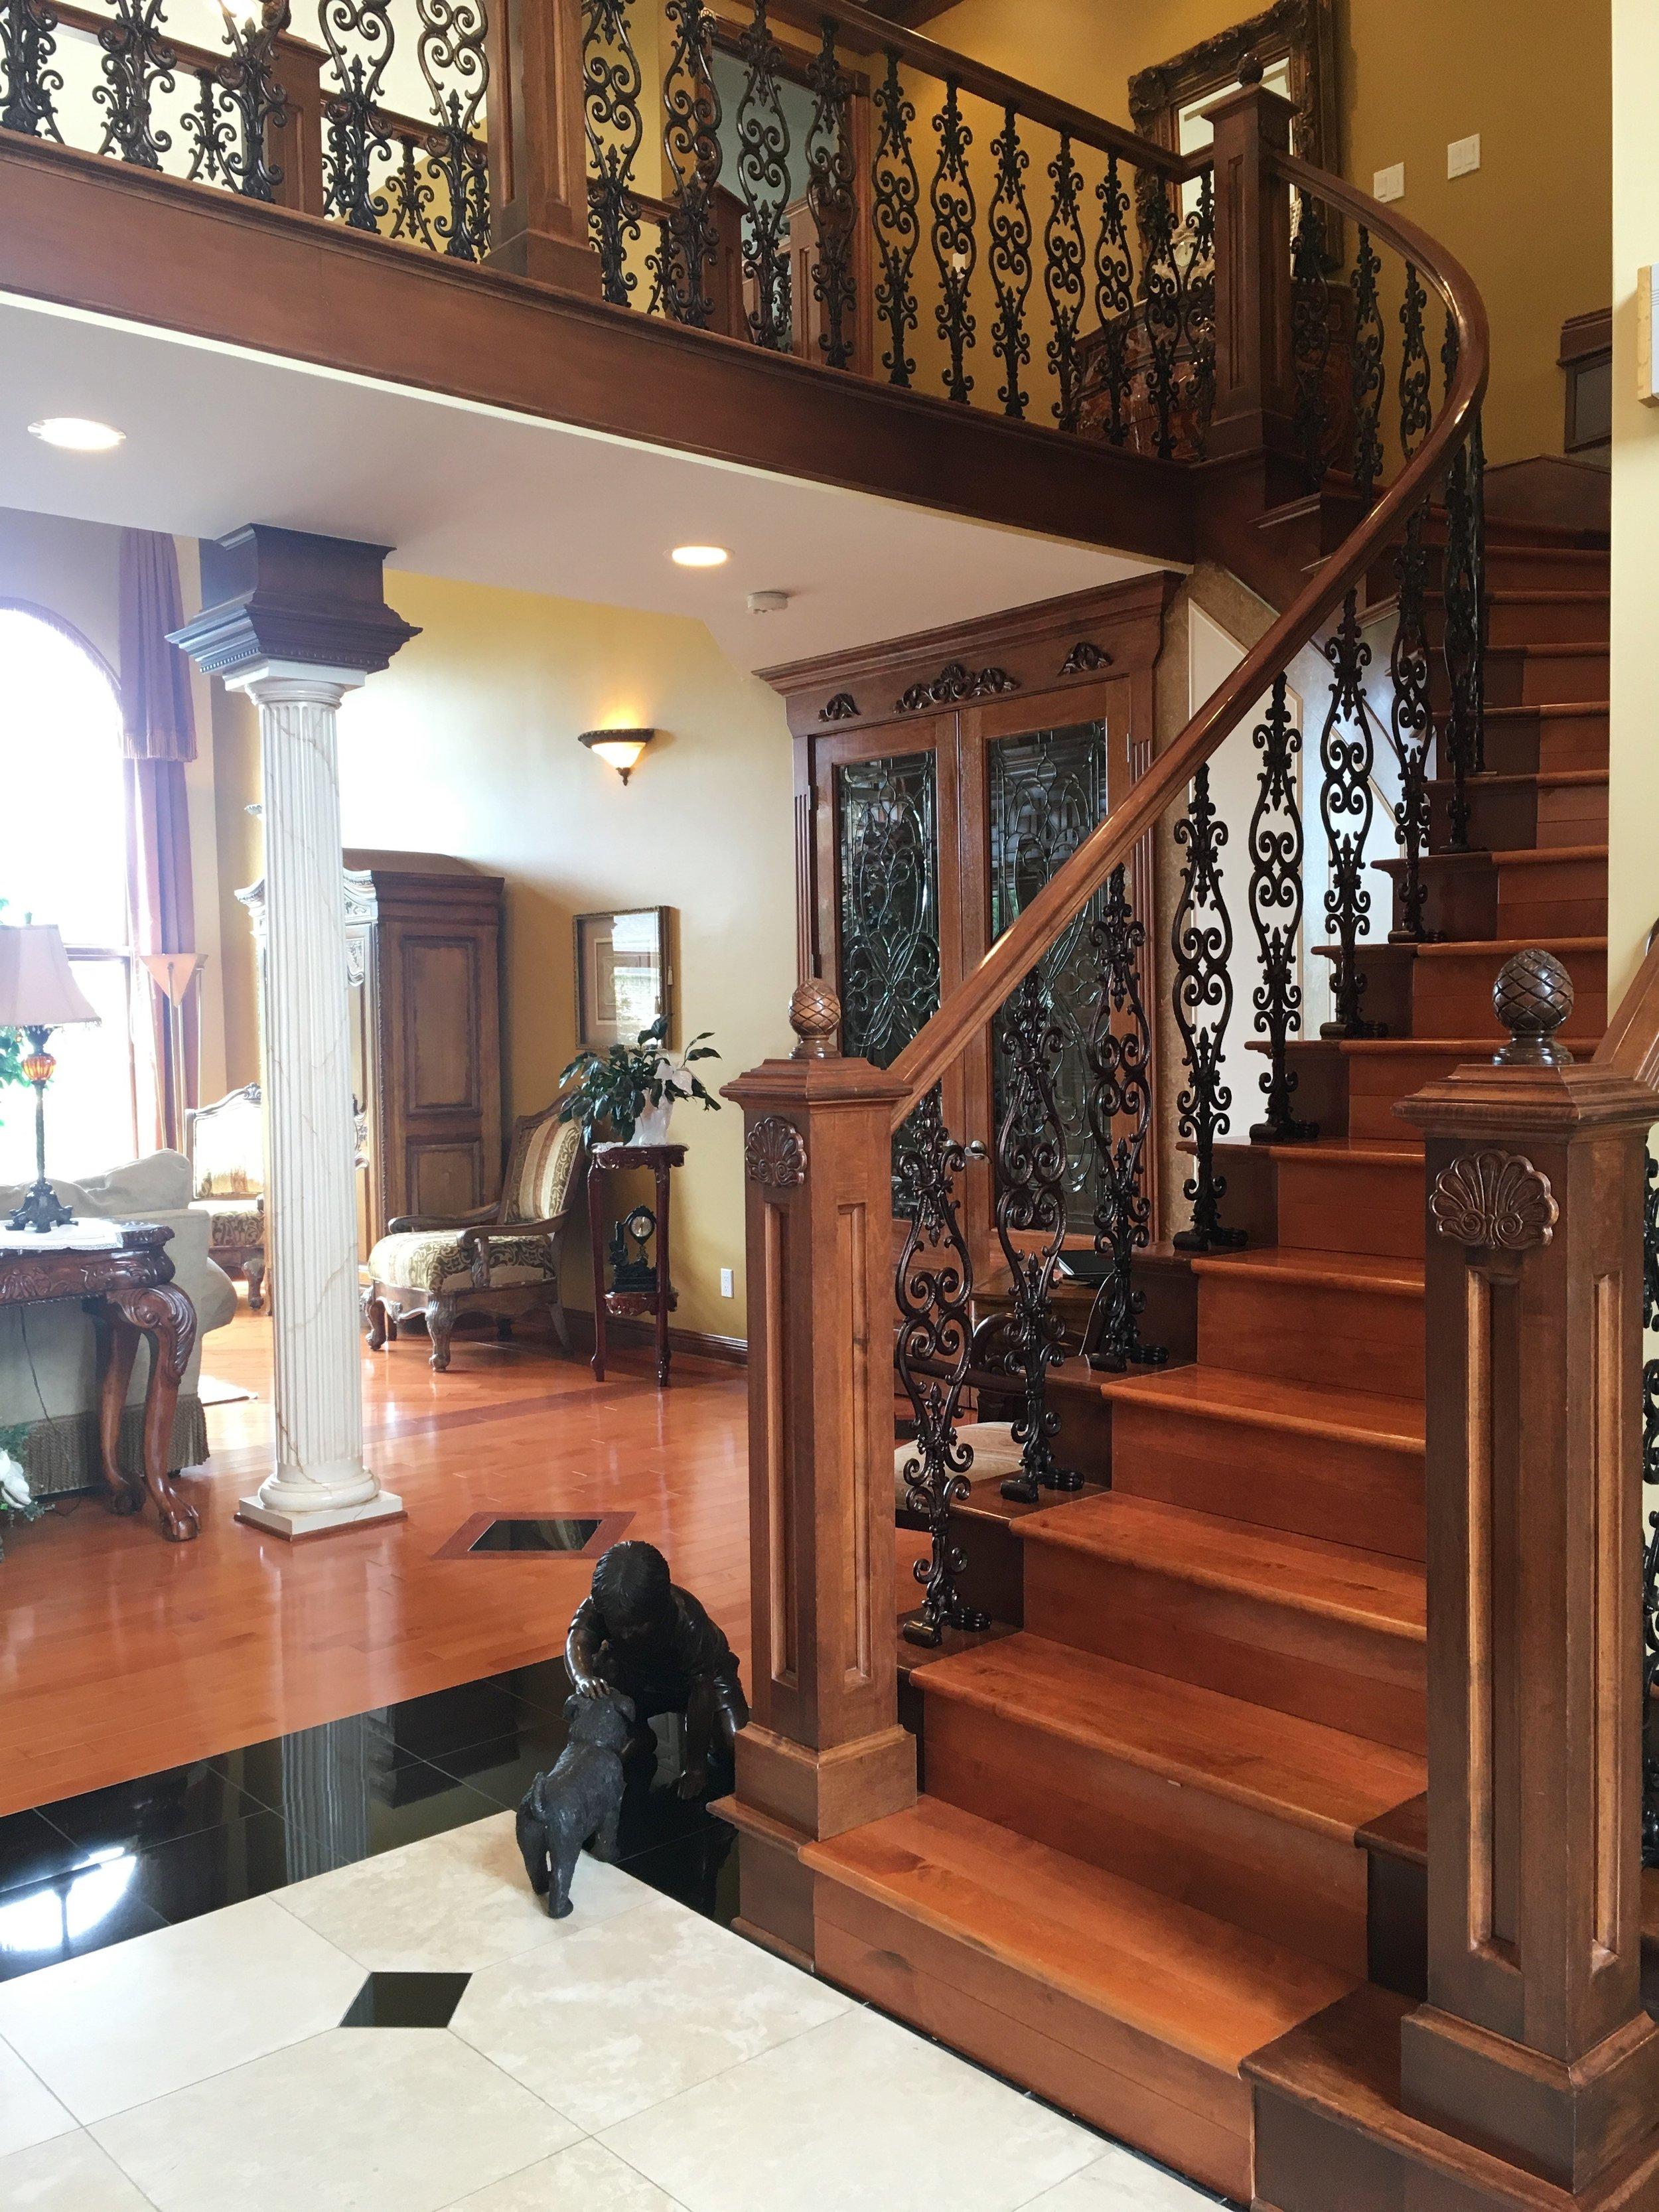 IMG_1877 Stairway USE 2.jpg